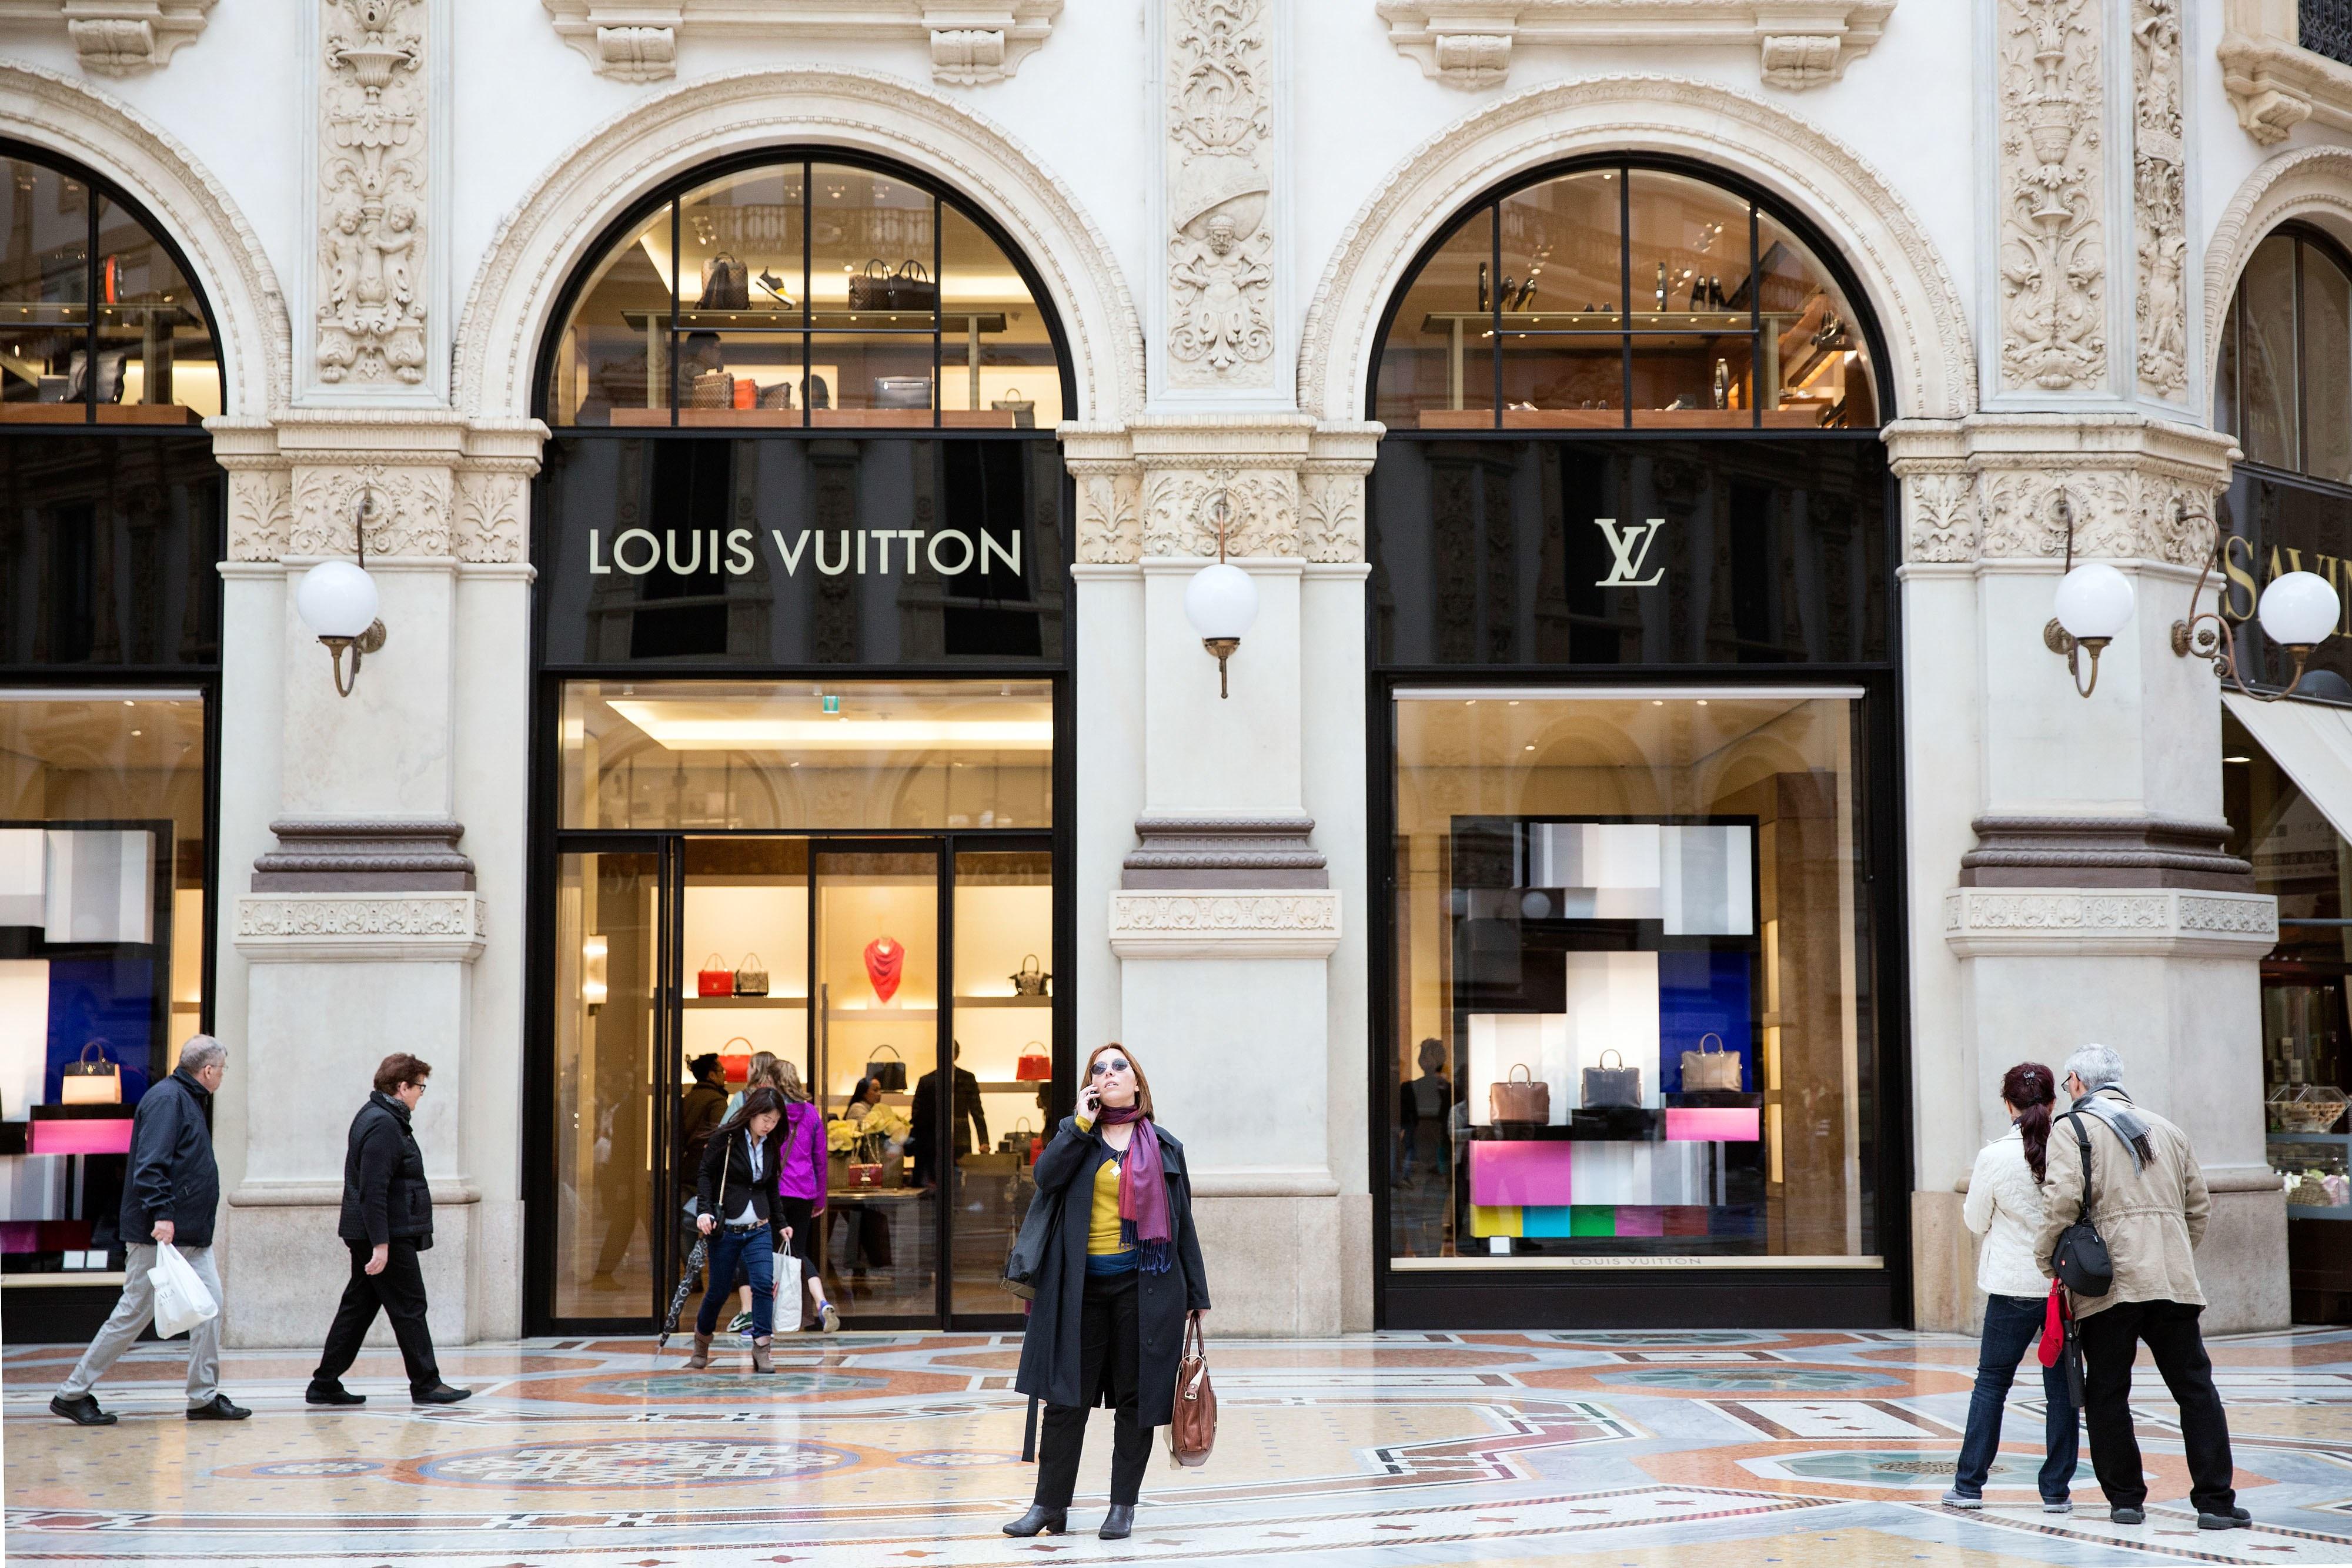 c2d4d7a449 Někteří rappeři se o značce Louis Vuitton dokonce zmiňují ve svých písních.  Společnost využívá tištěných reklam v různých časopisech